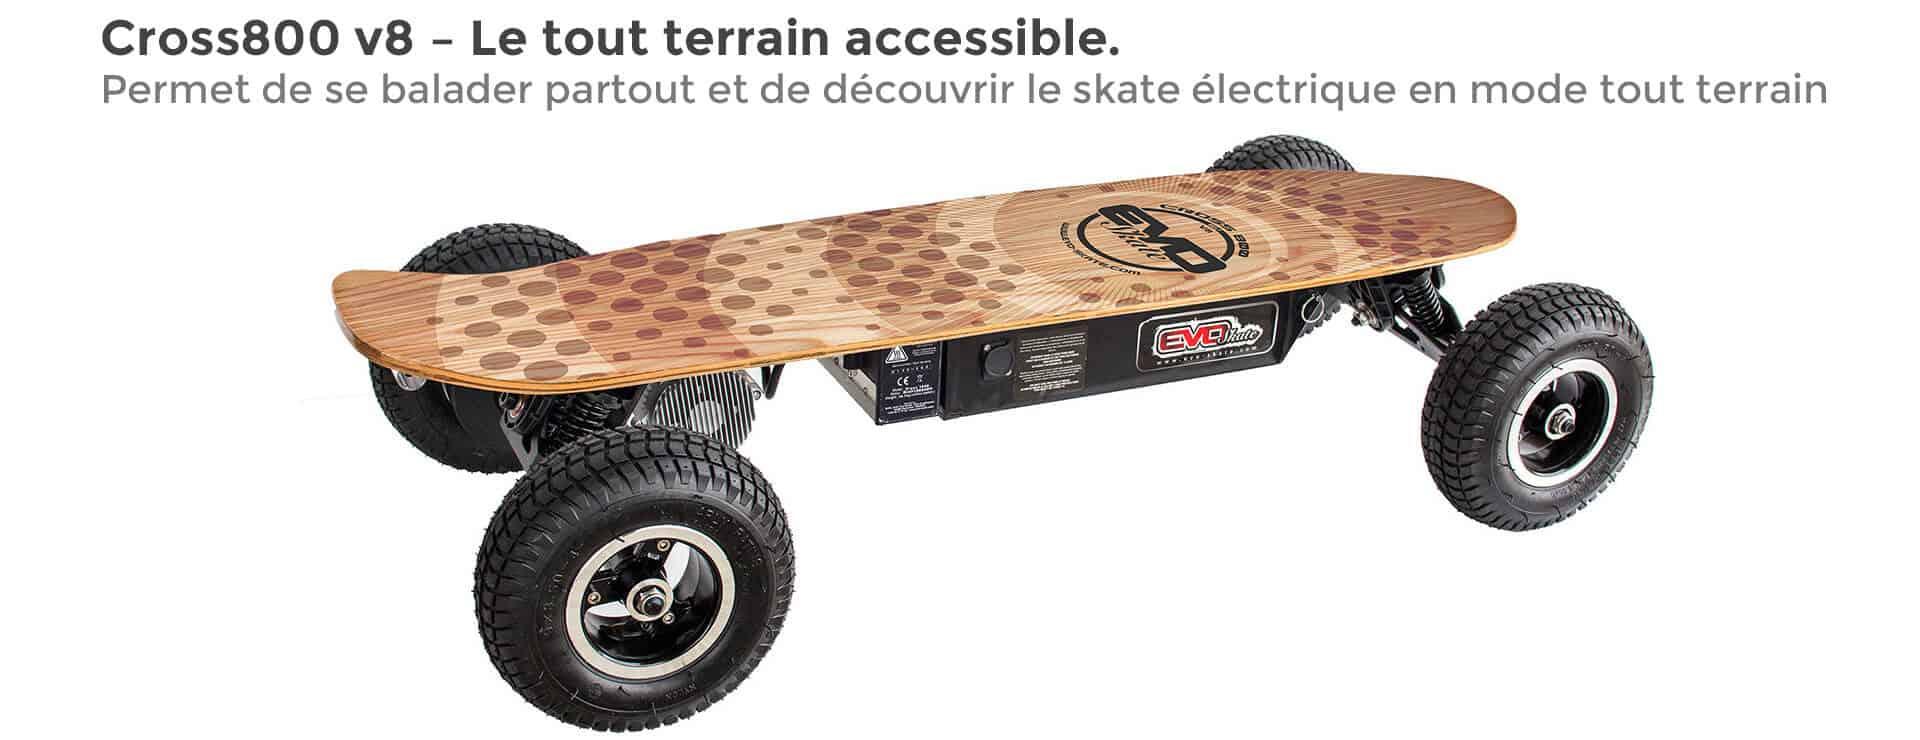 evo spirit skateboard lectrique cross800 v8 sla12 skate lectrique. Black Bedroom Furniture Sets. Home Design Ideas